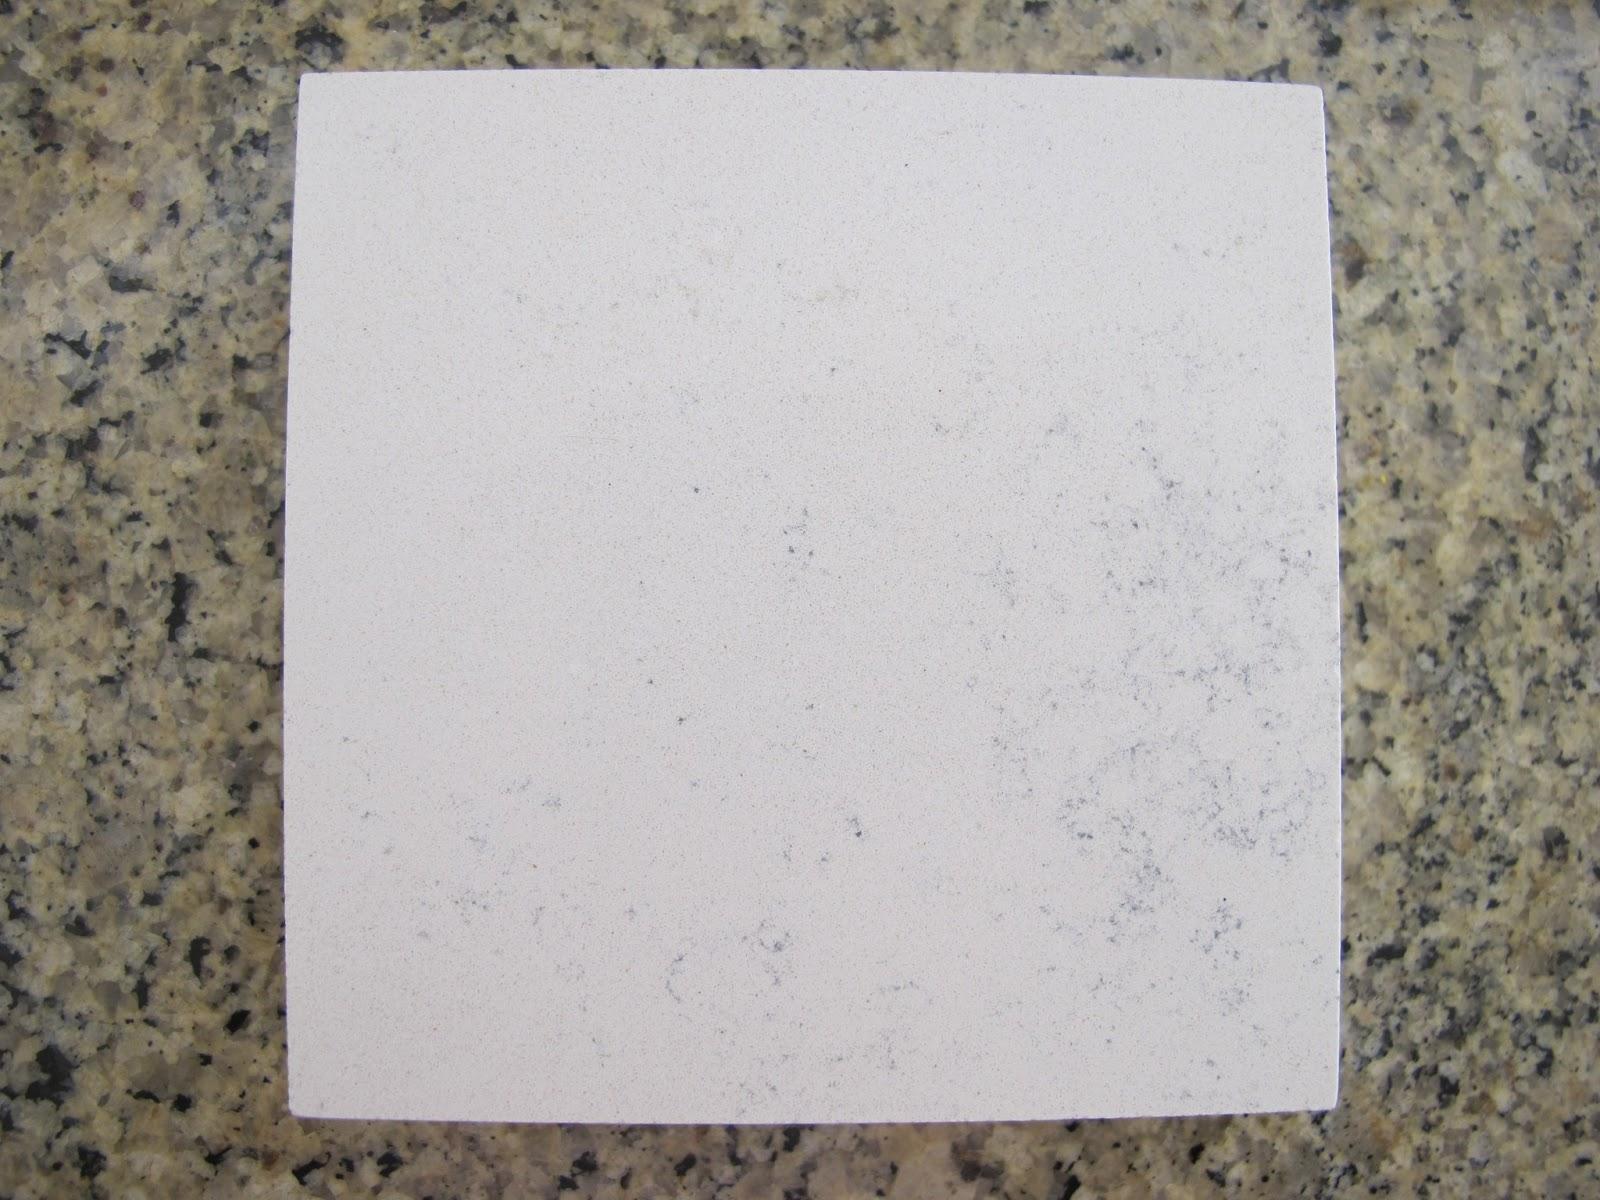 Okite Countertops An Alternative To Carrara Marble